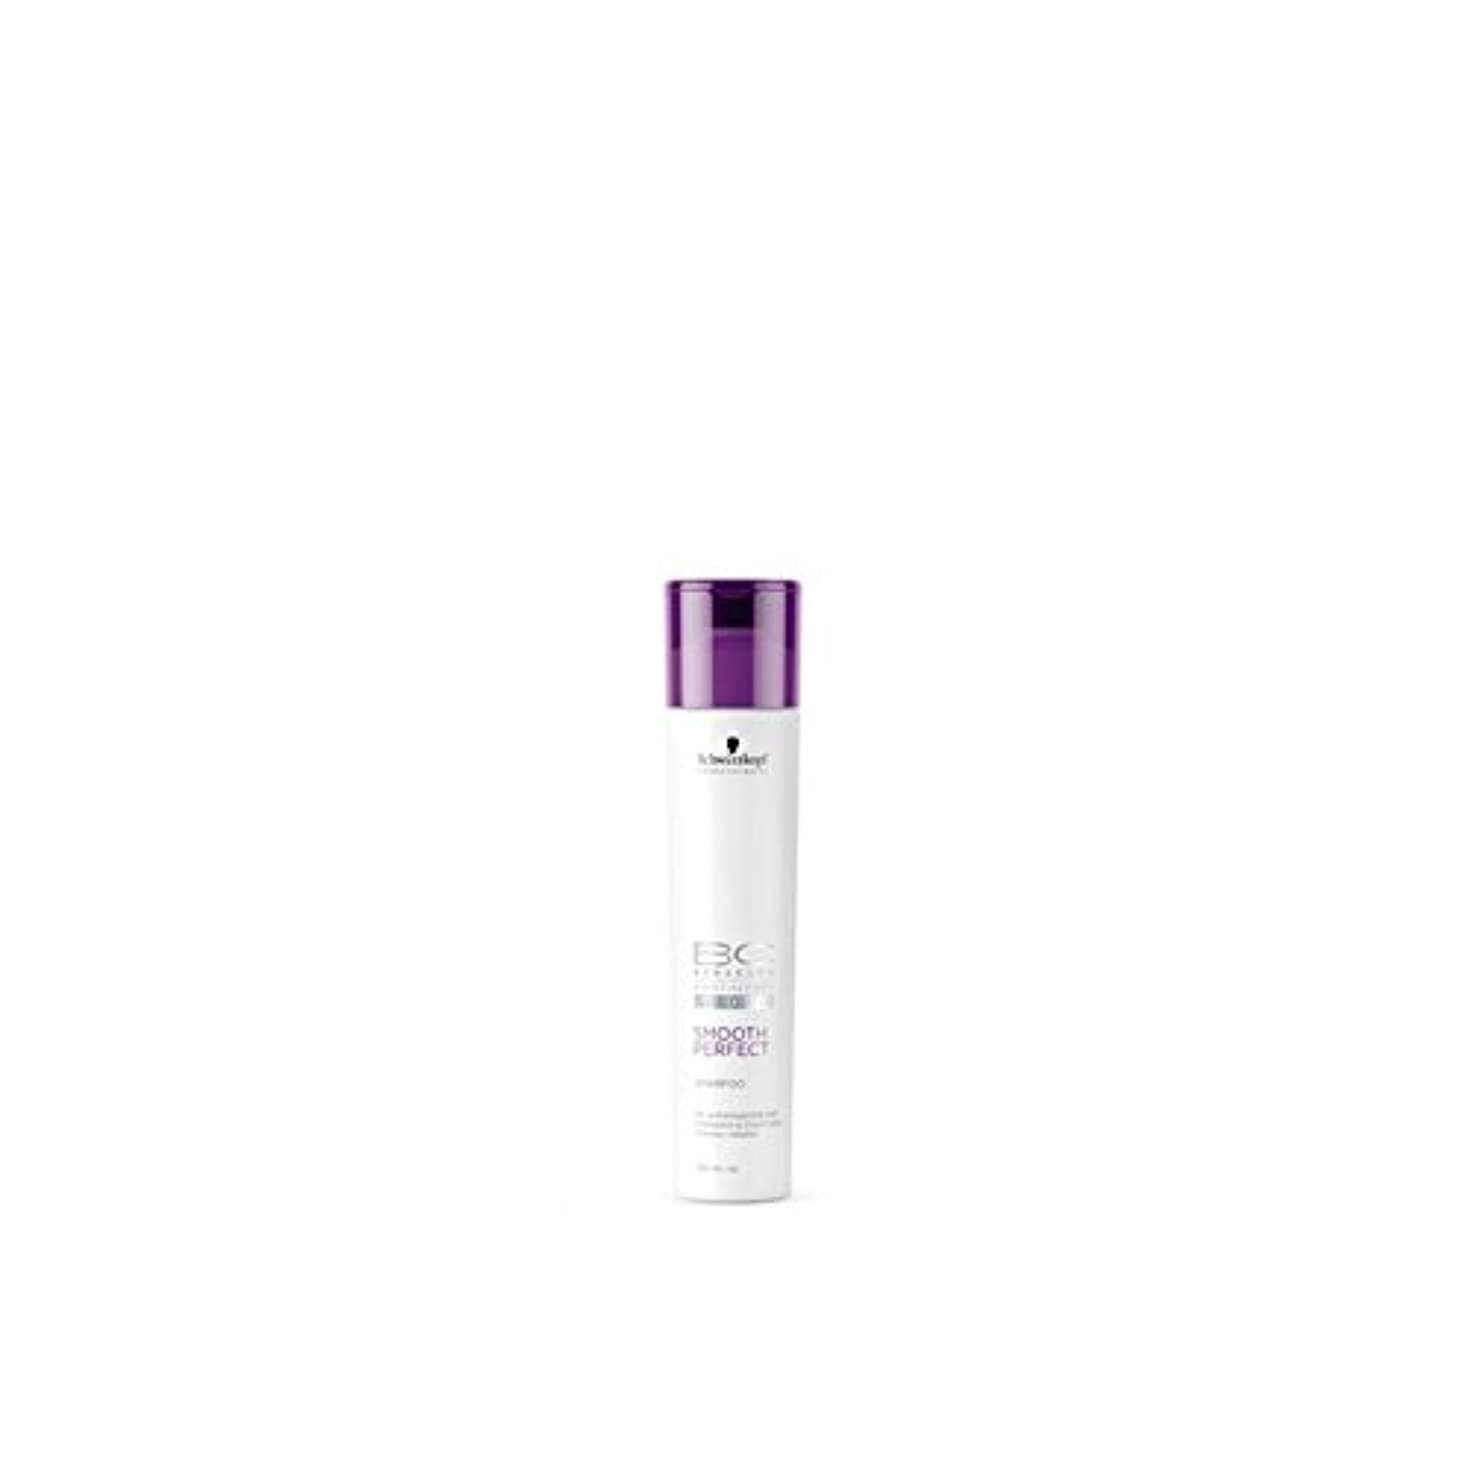 なめらかな完璧なシャンプー(250ミリリットル)シュワルツコフ x4 - Schwarzkopf Bc Smooth Perfect Shampoo (250ml) (Pack of 4) [並行輸入品]